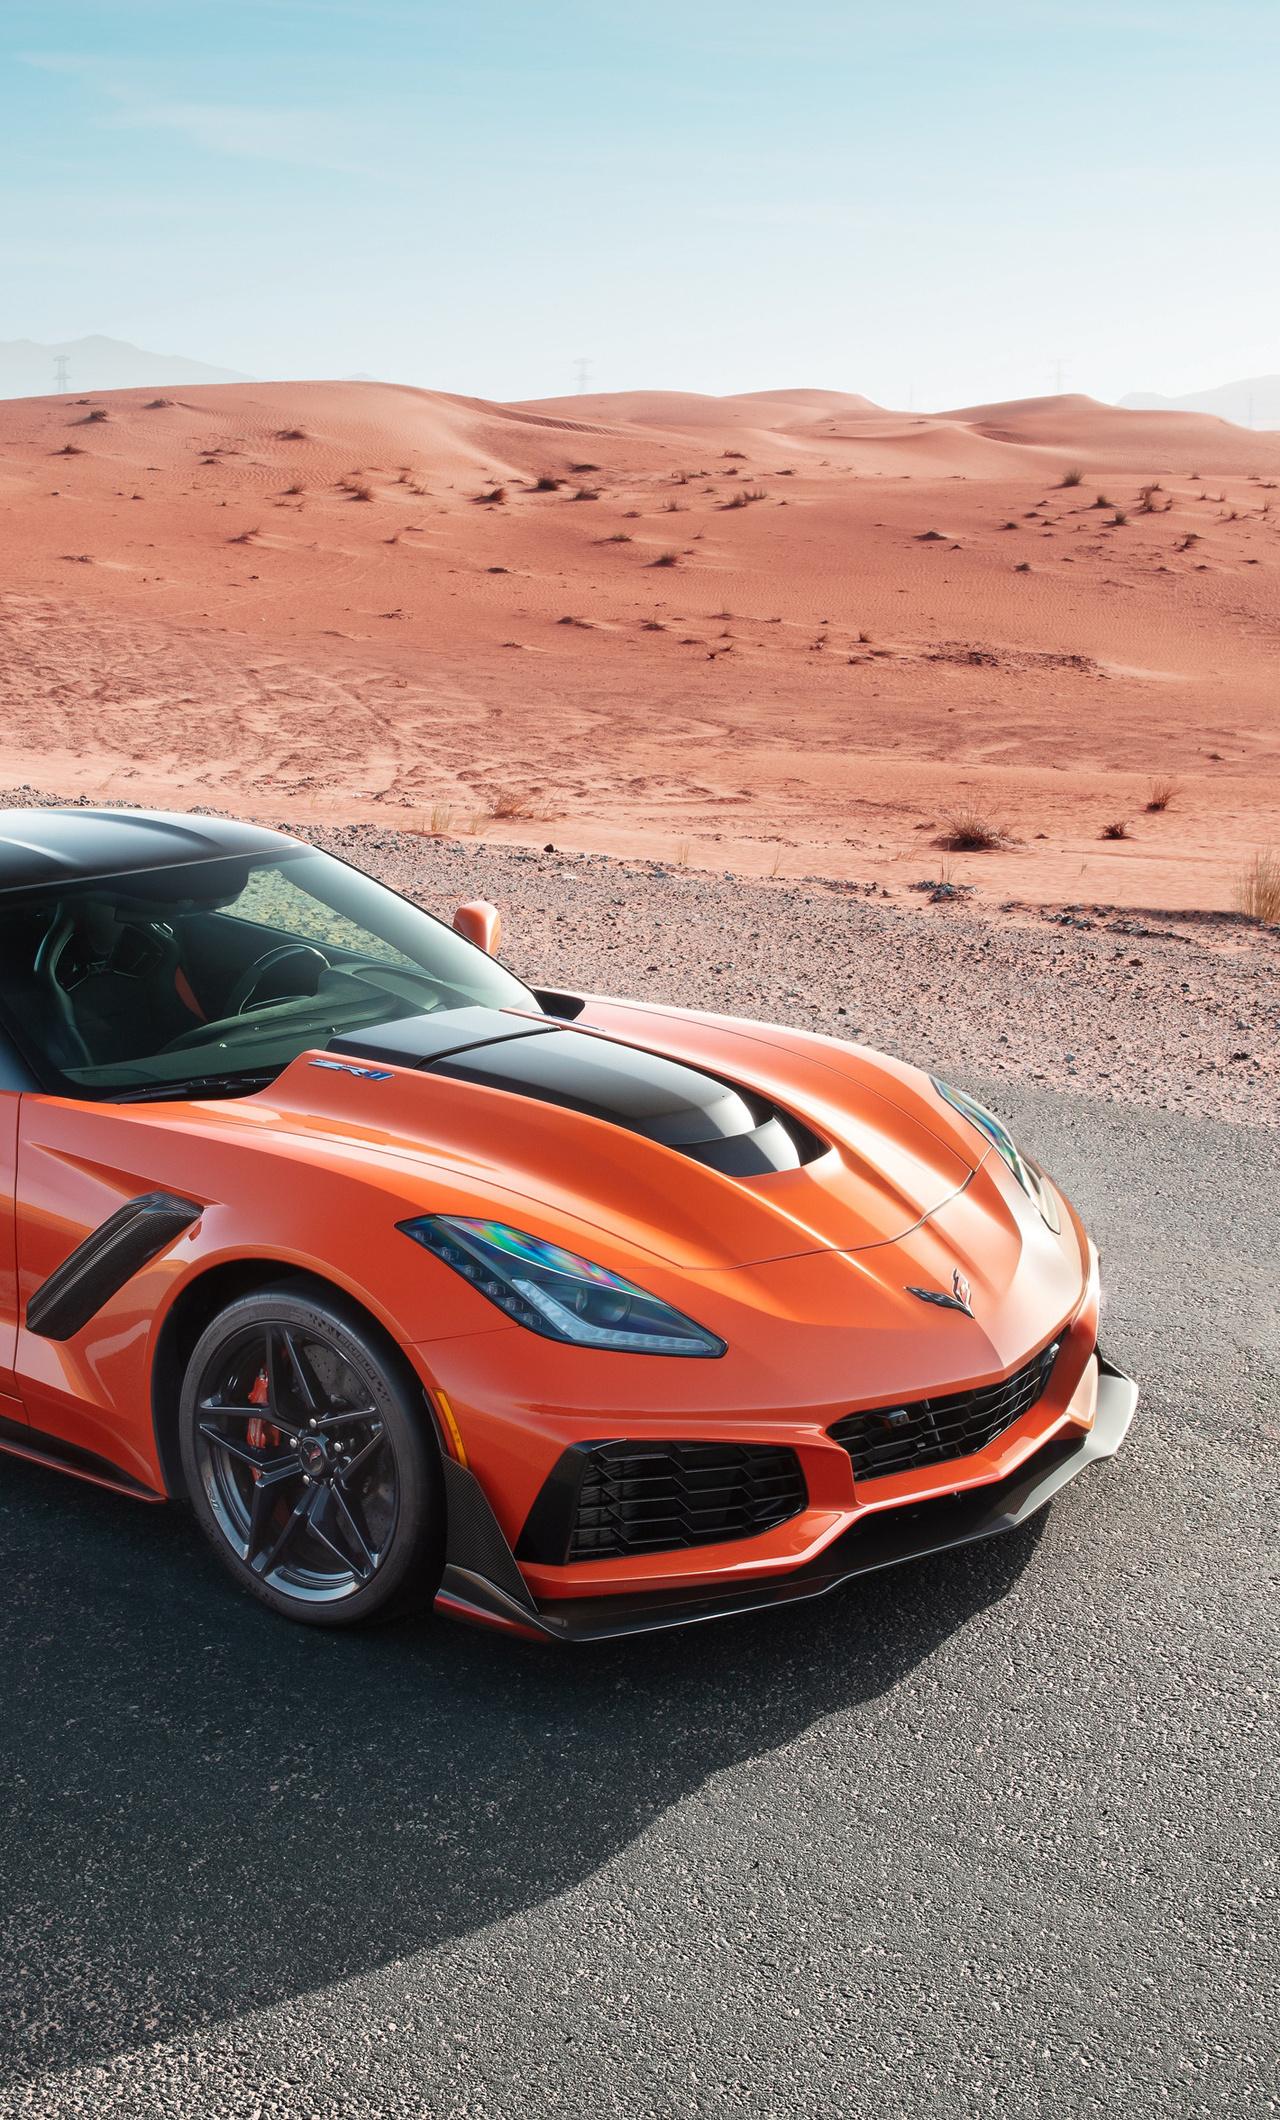 1280x2120 Chevrolet Corvette Zr1 2019 Front Iphone 6 Hd 4k